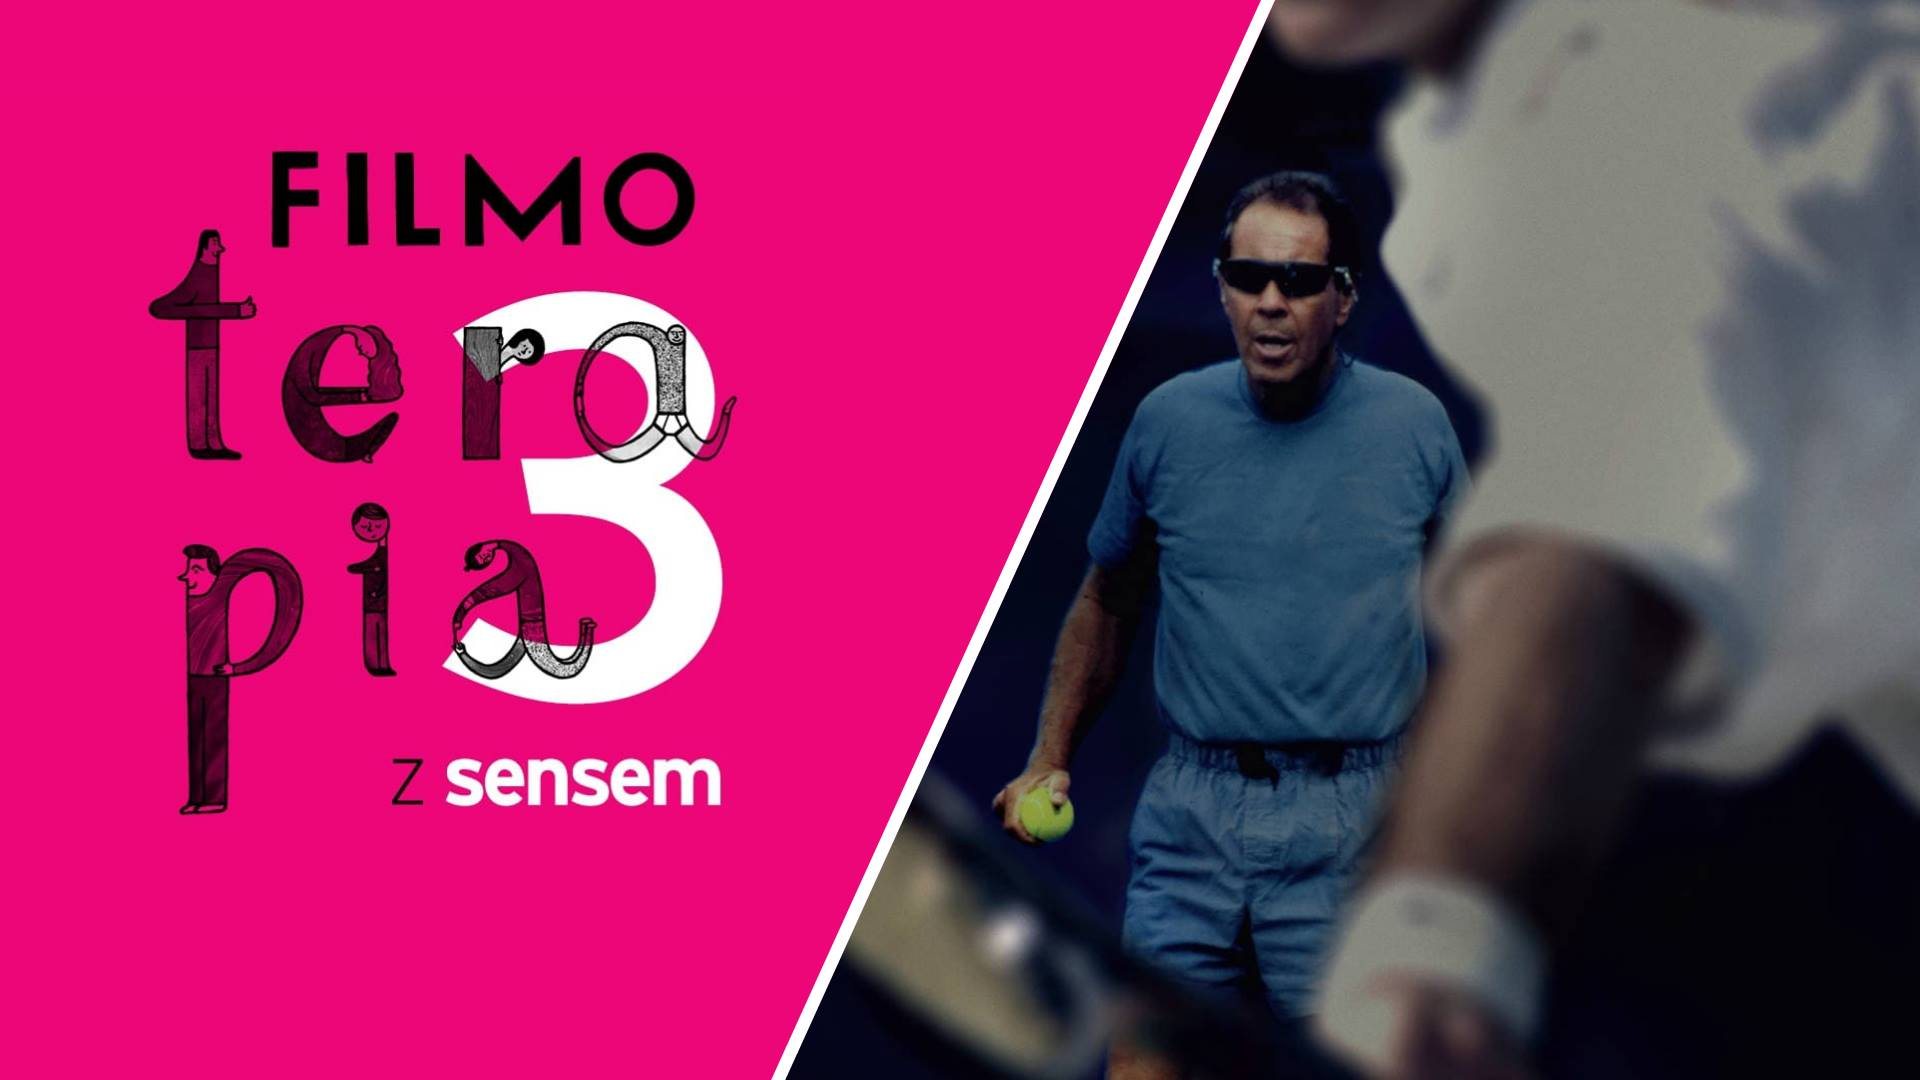 W tenisie love znaczy zero | Filmoterapia z Sensem 3